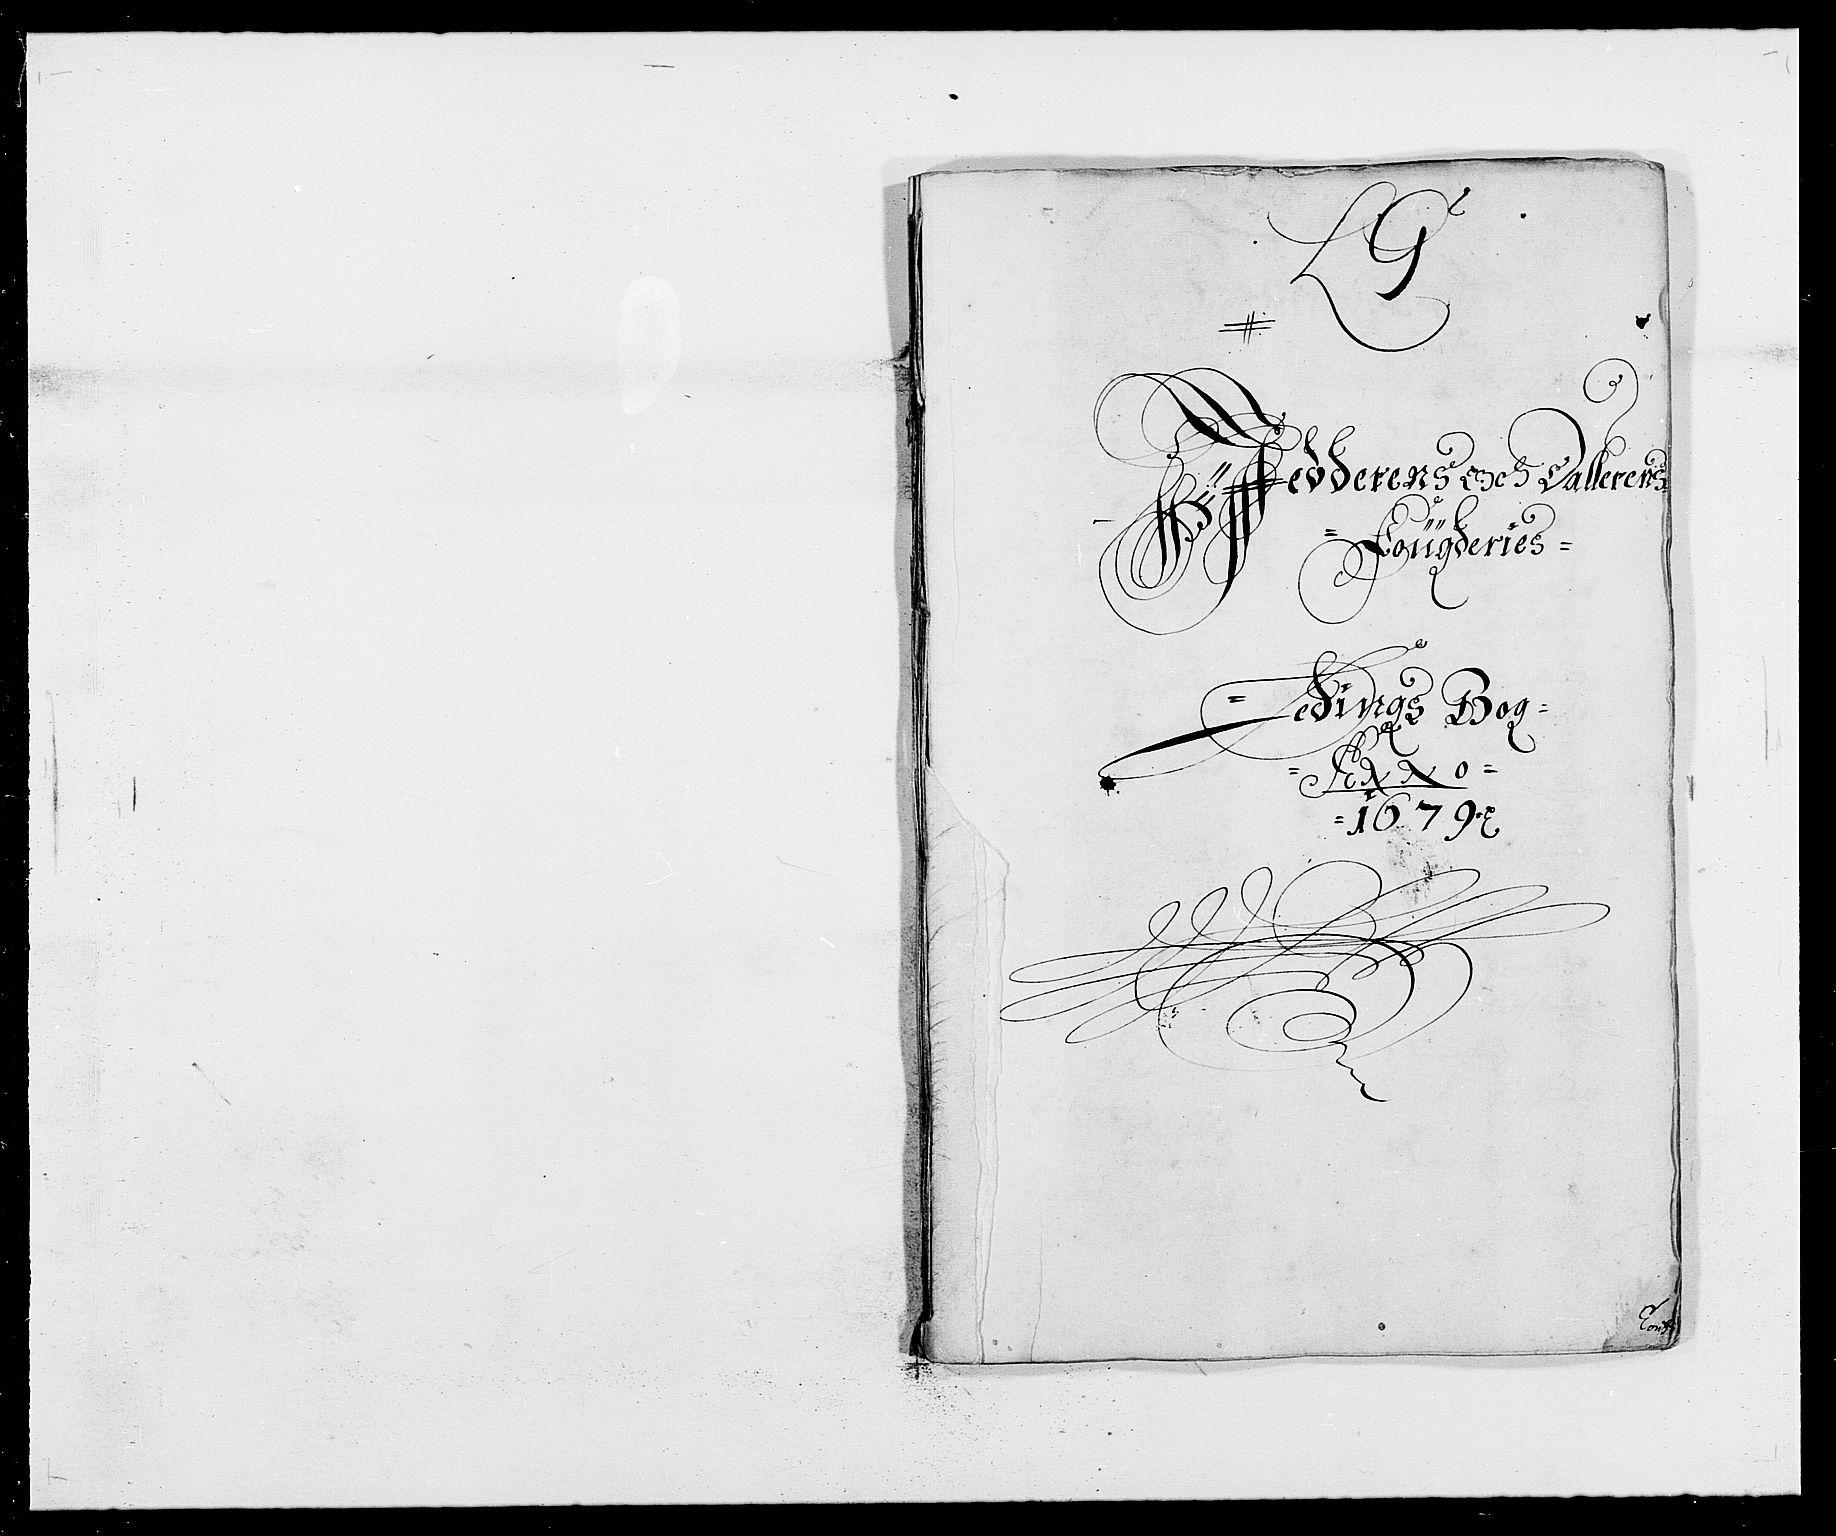 RA, Rentekammeret inntil 1814, Reviderte regnskaper, Fogderegnskap, R46/L2719: Fogderegnskap Jæren og Dalane, 1679, s. 229